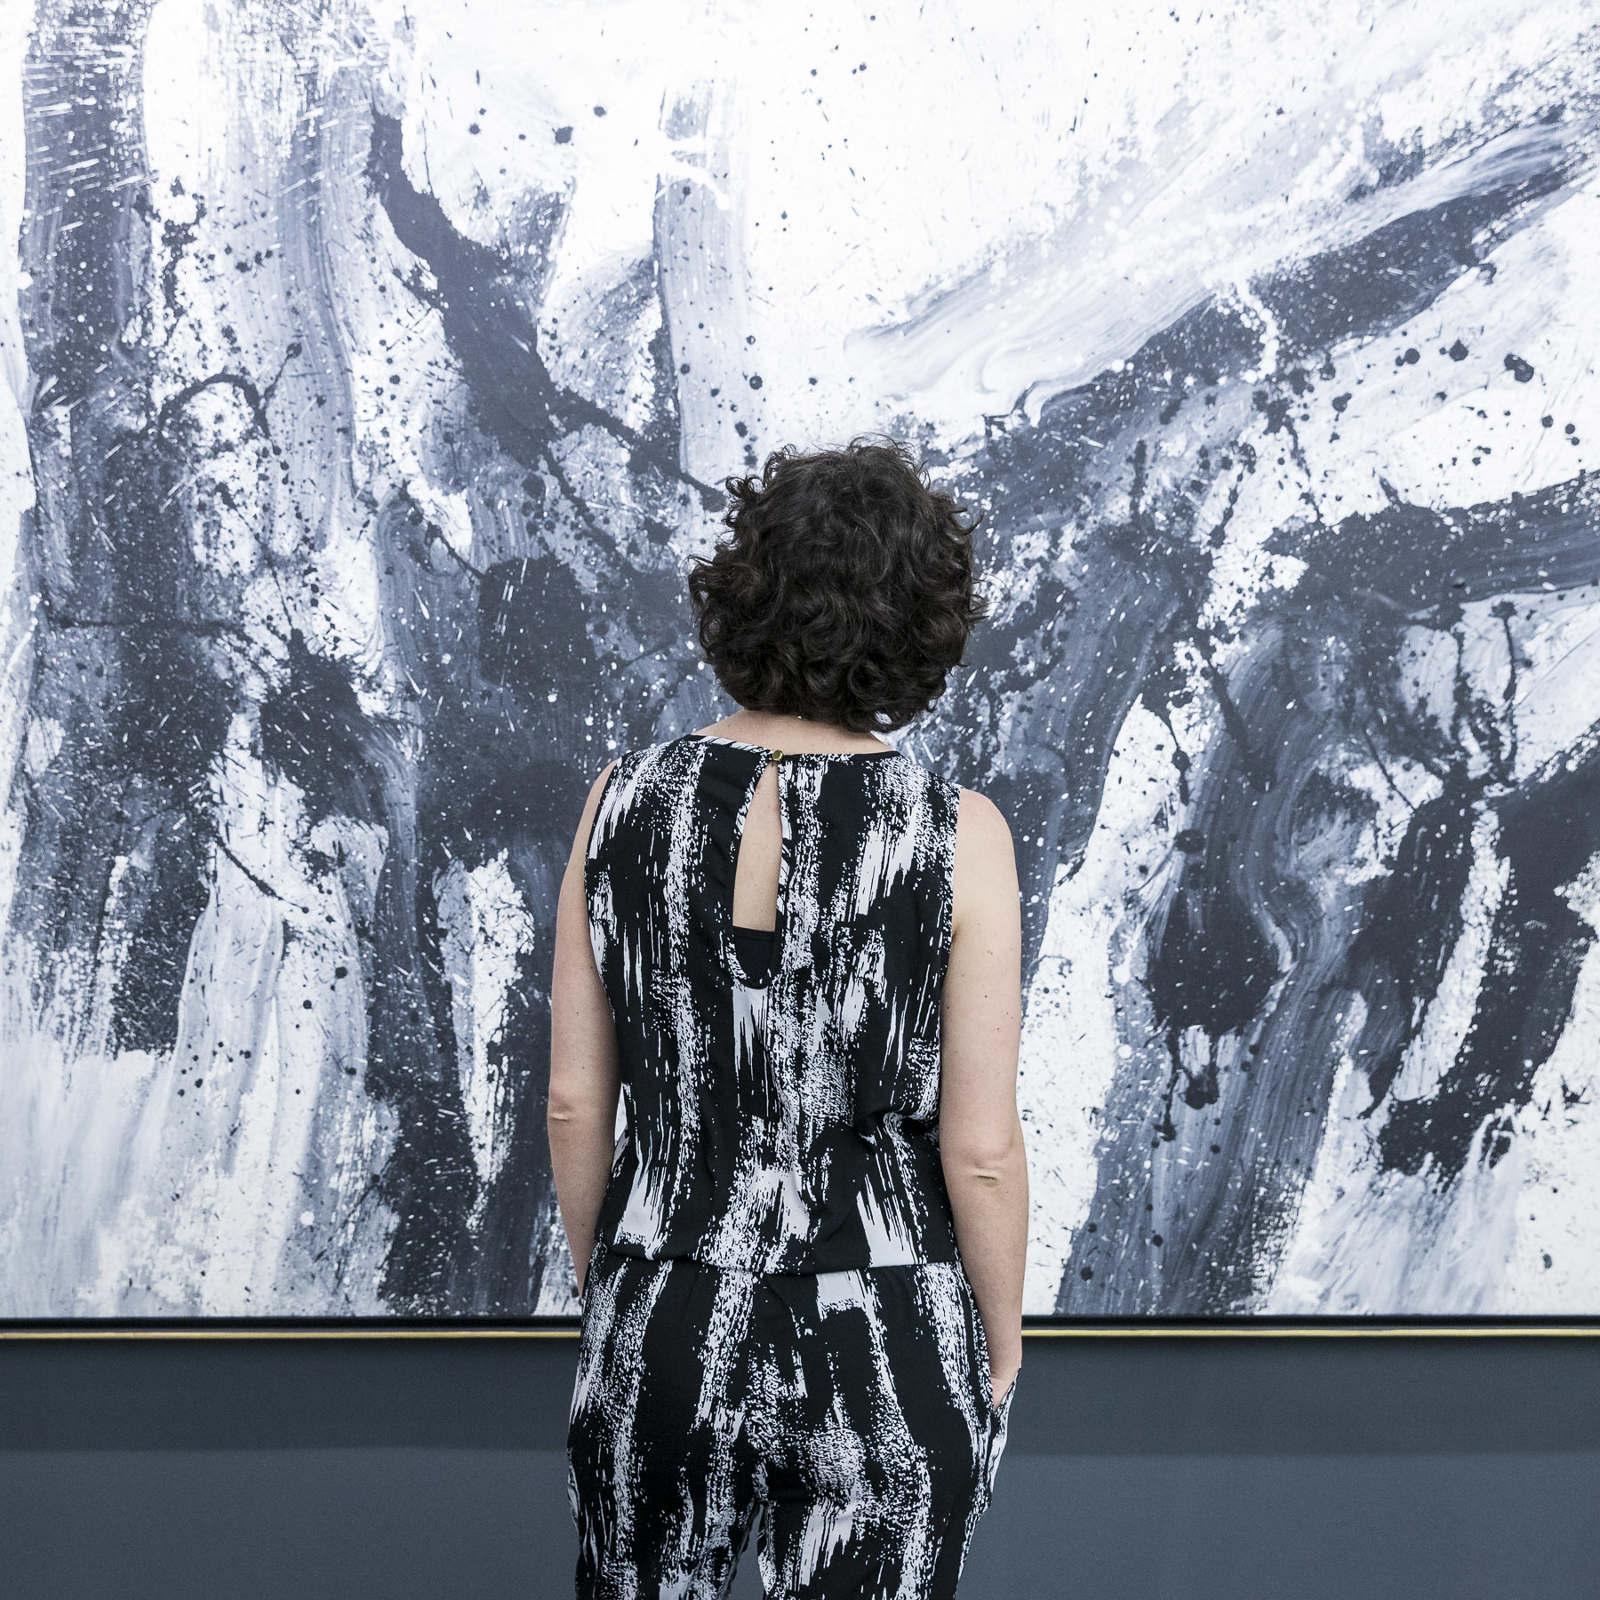 Charles_Roussel-Art-Fair-5_1600_c.jpg